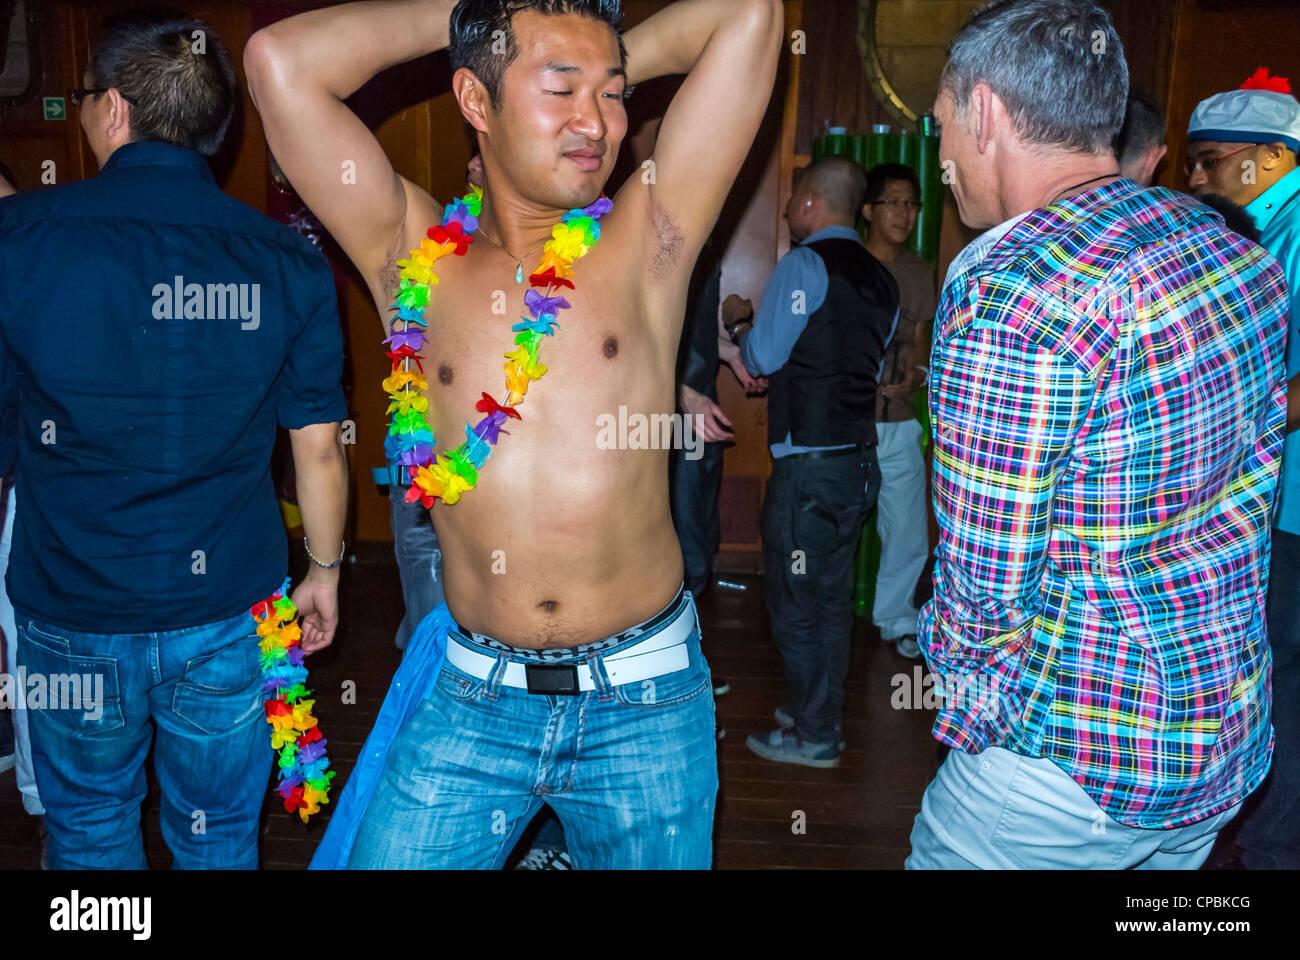 Asian gay pixcs